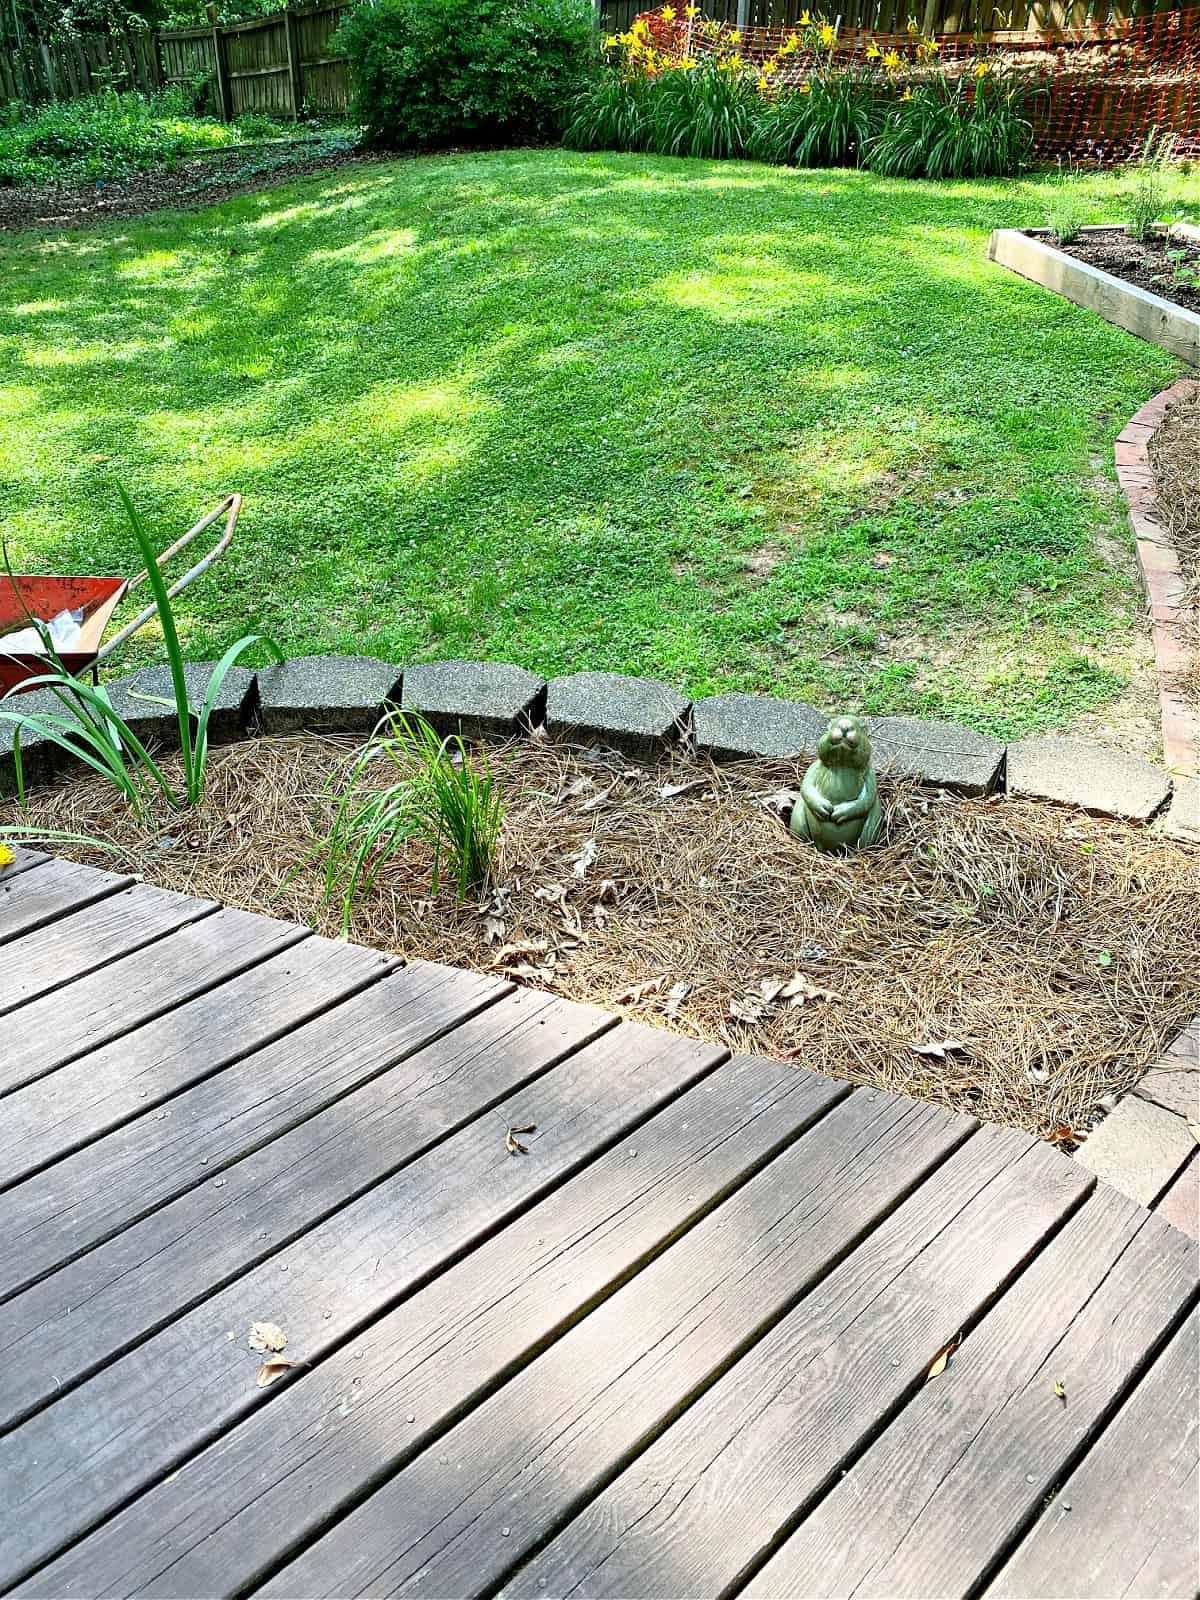 flowerbed next to deck